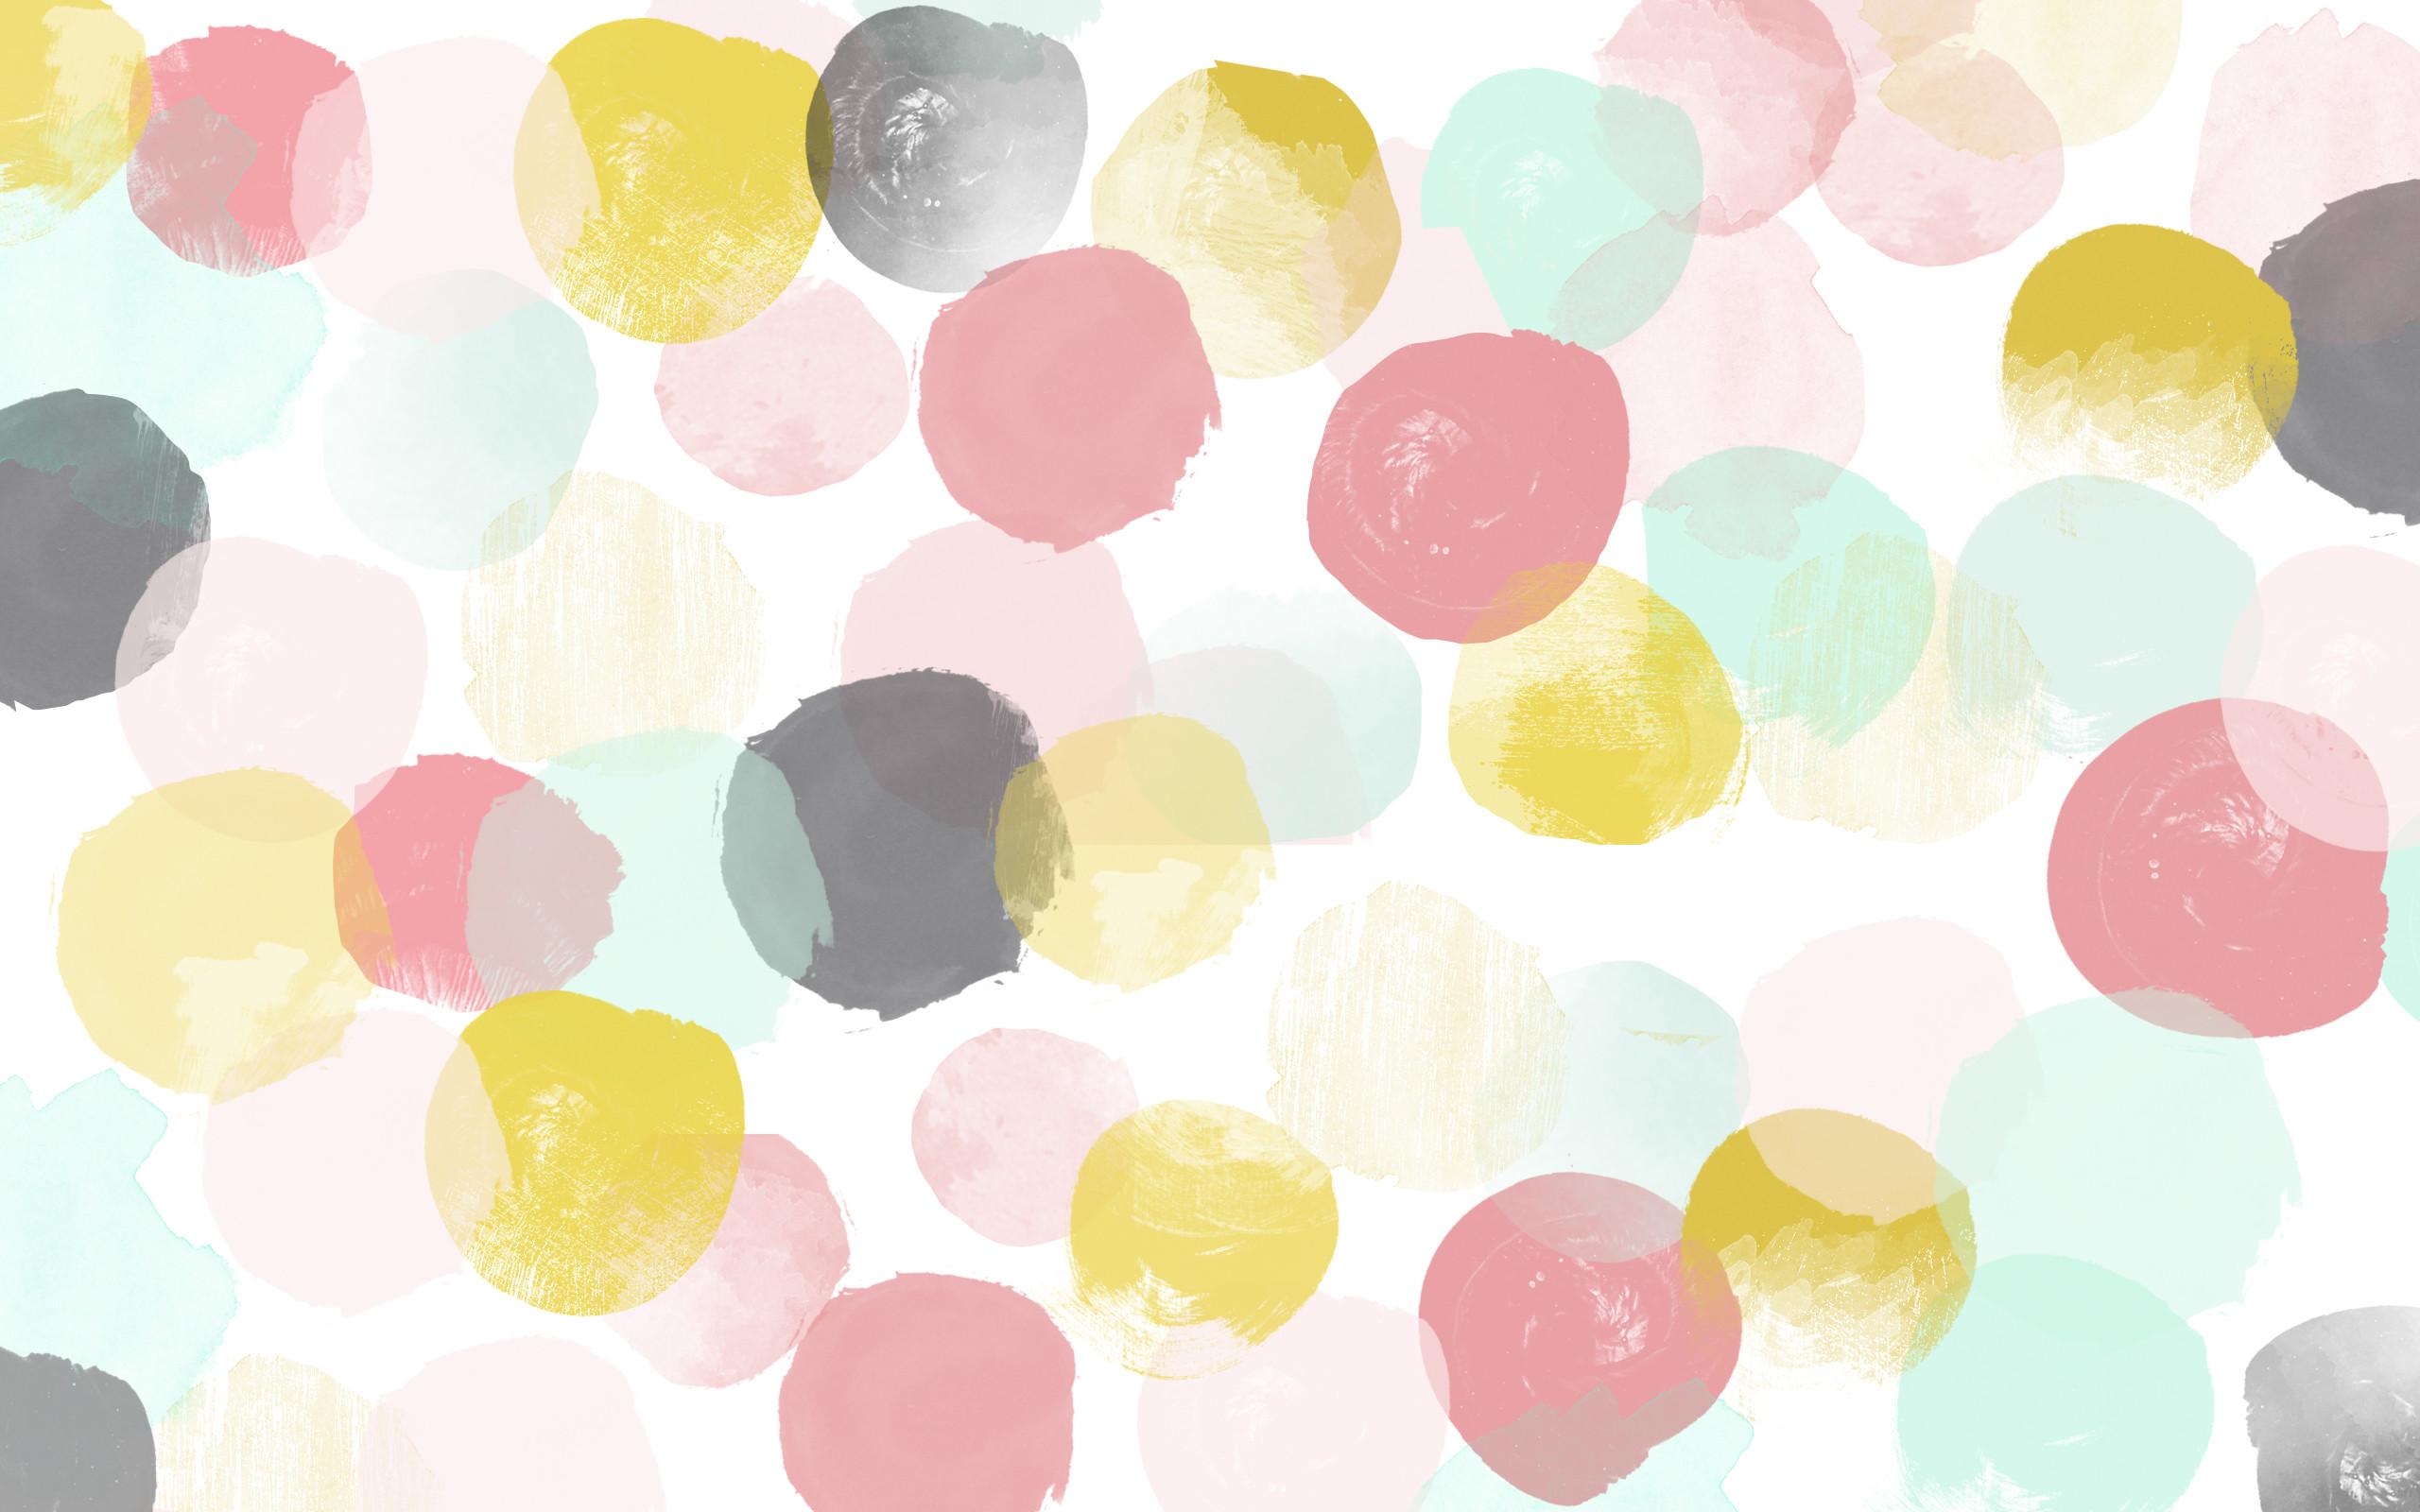 79ecca0caa0416c561208fa3afdfb757.jpg (2560×1600) · Cute WallpapersDesktop  …